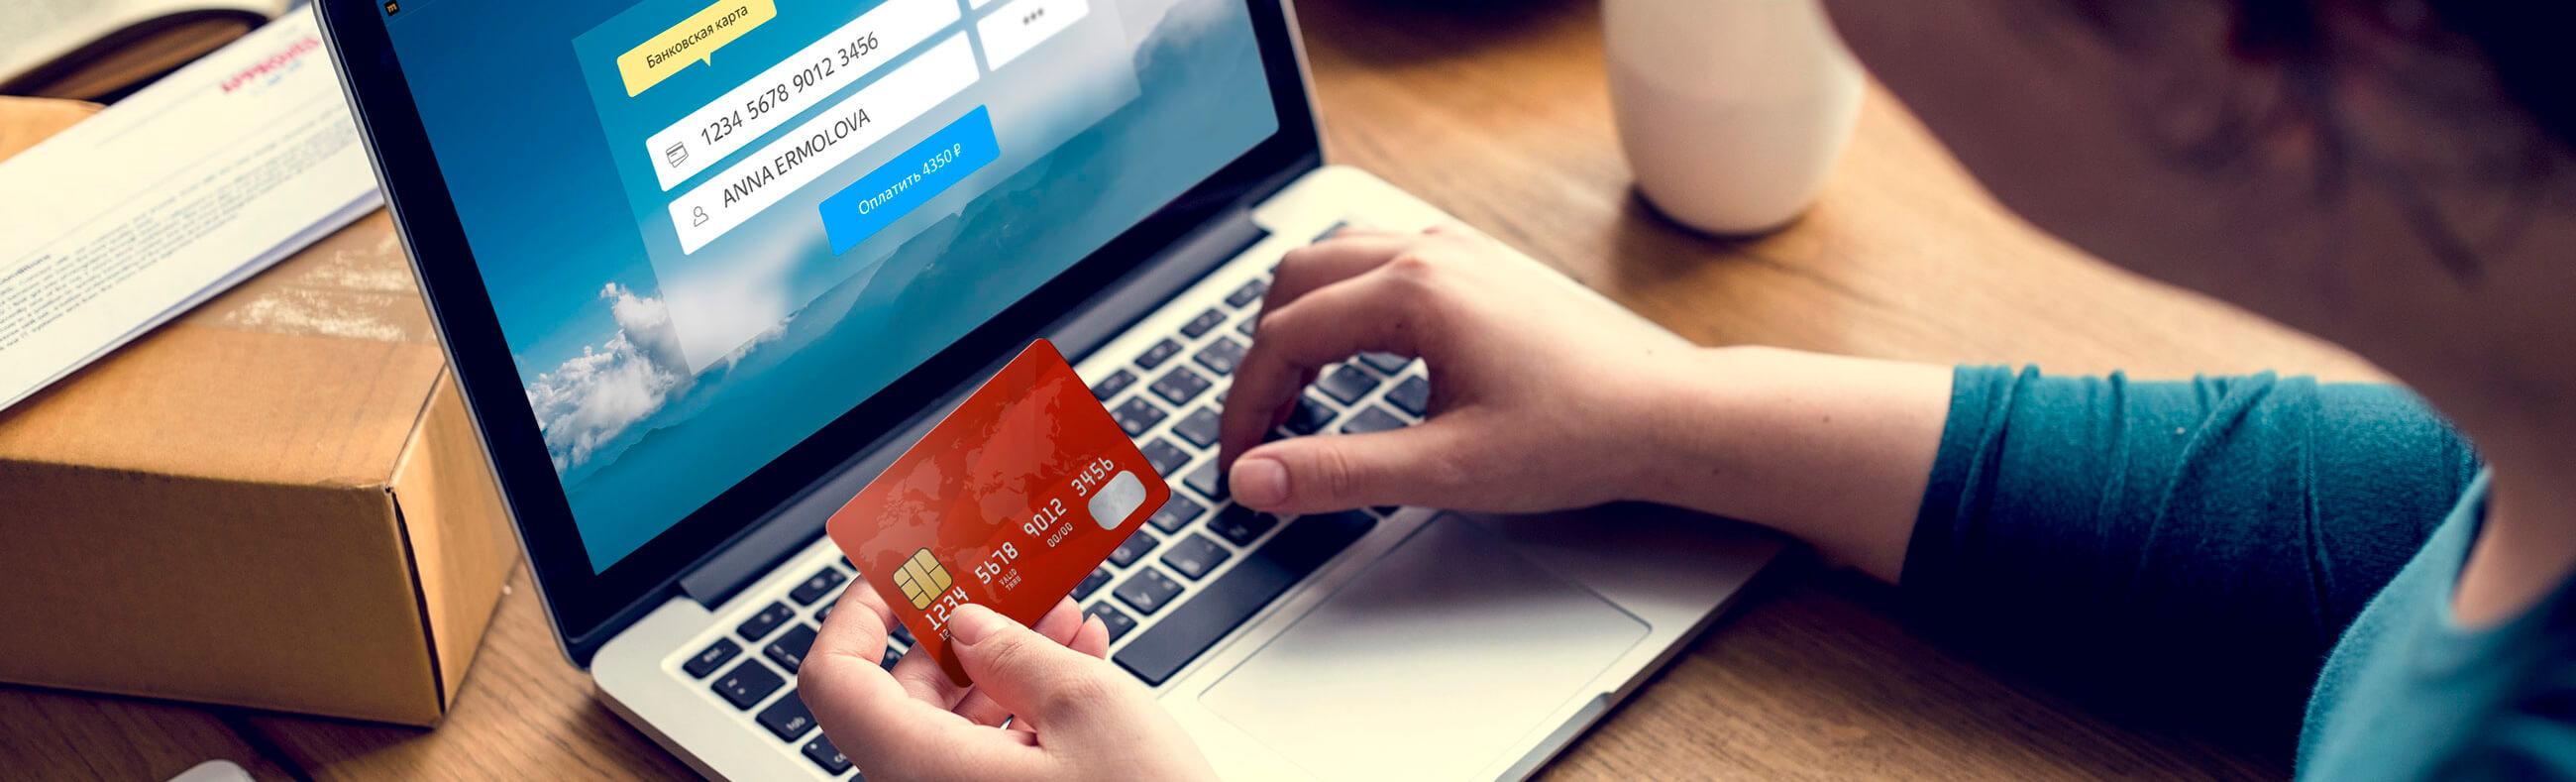 бухгалтерский учет кредитов примеры